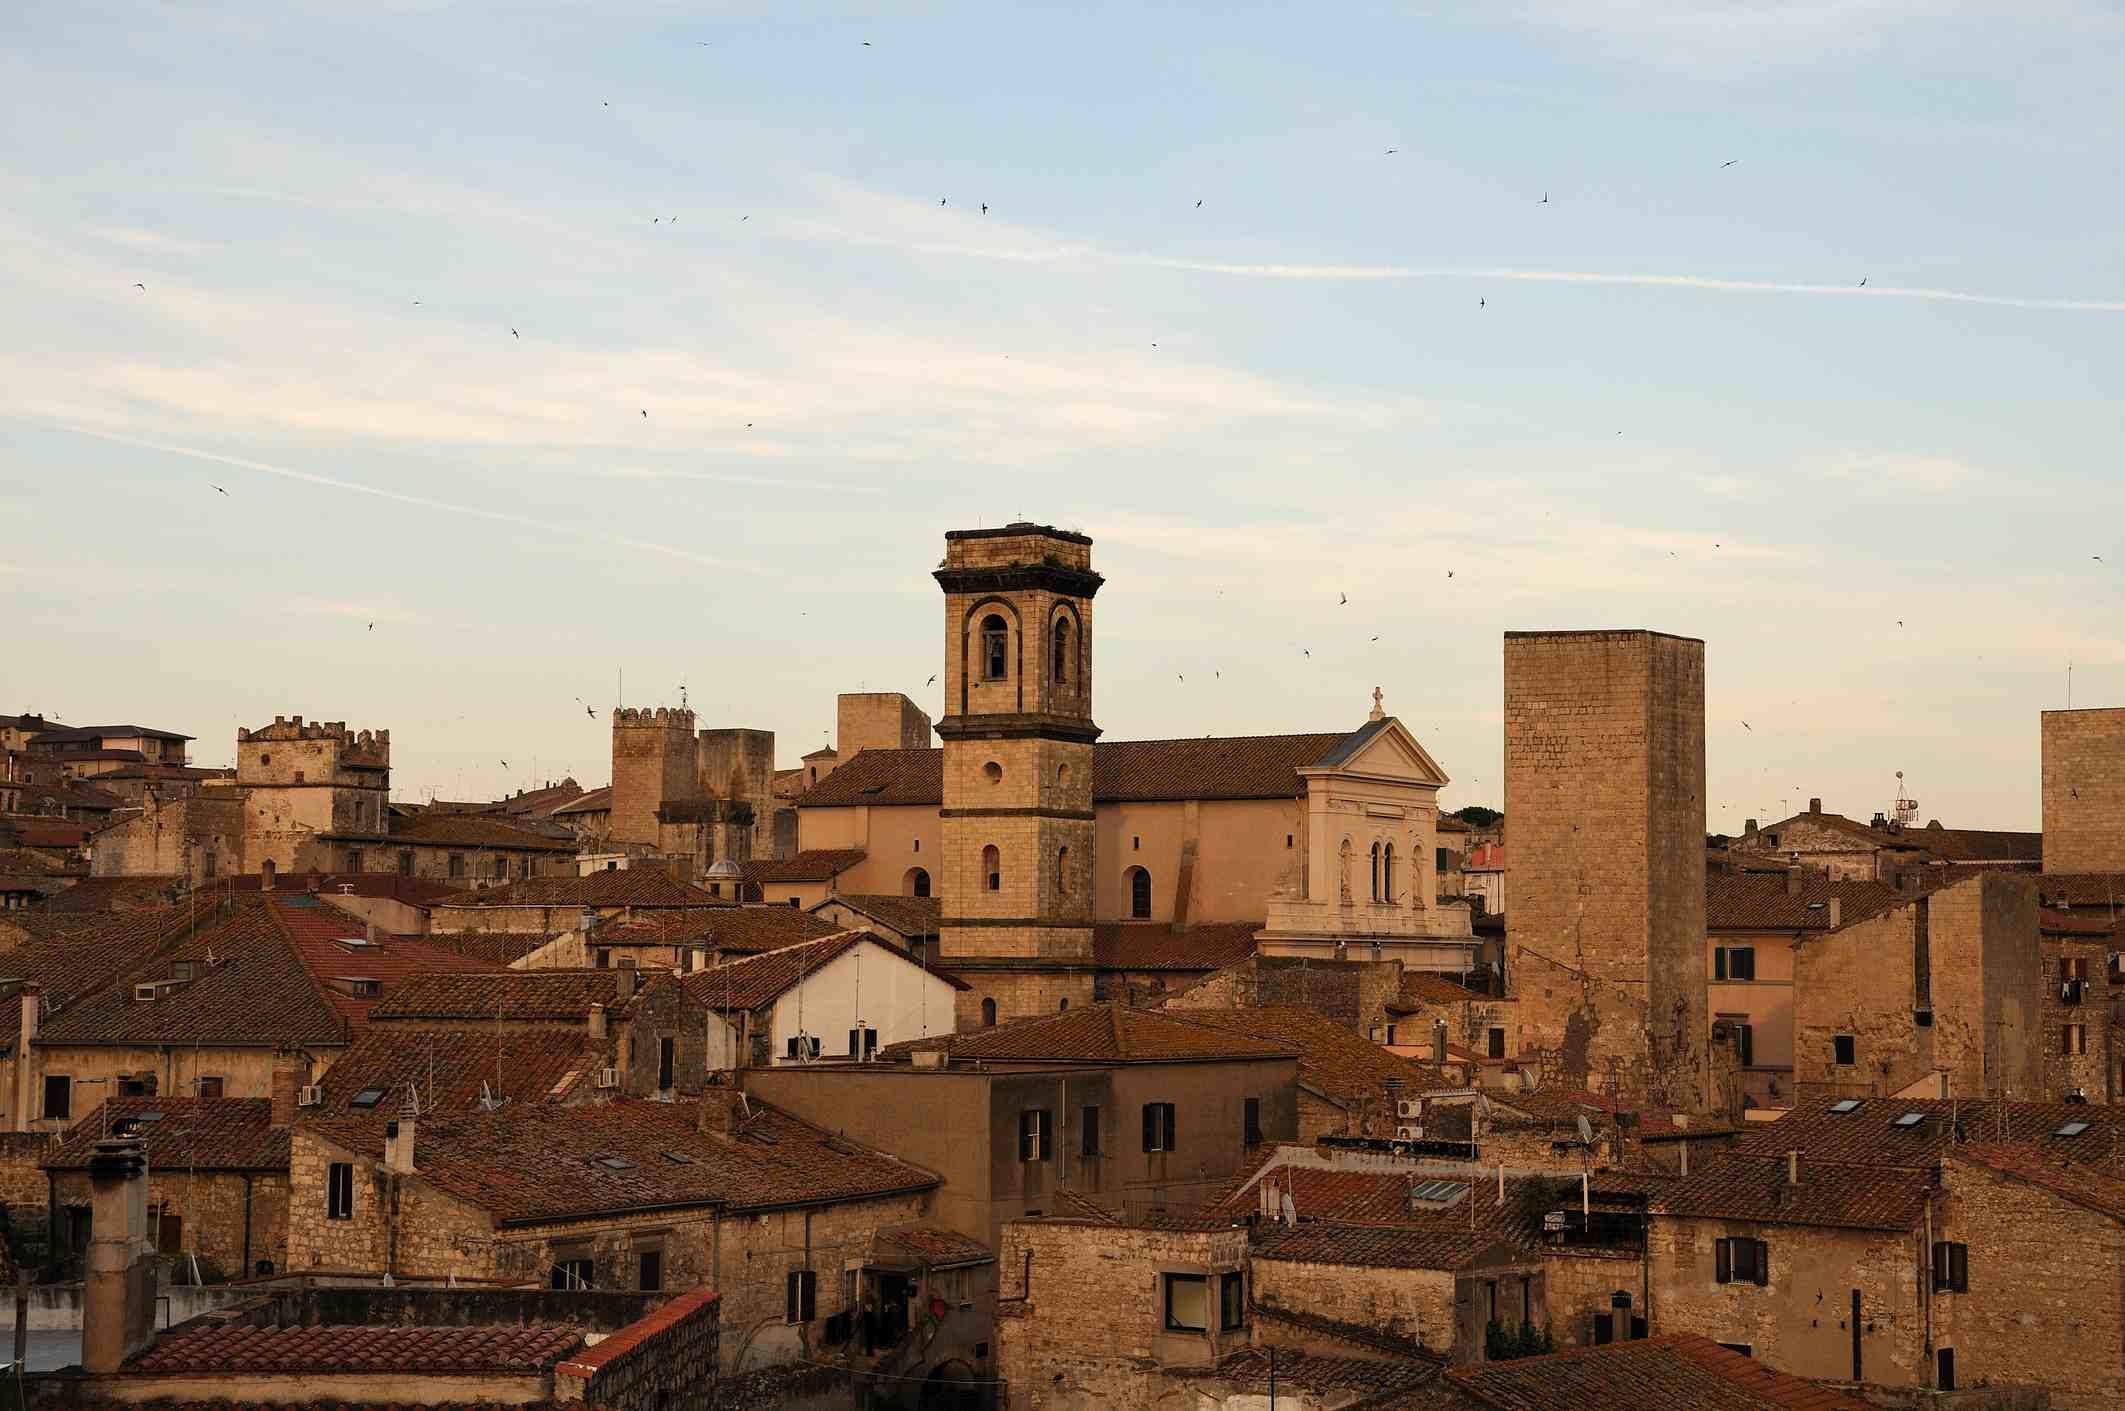 Tarquinia in Italy.